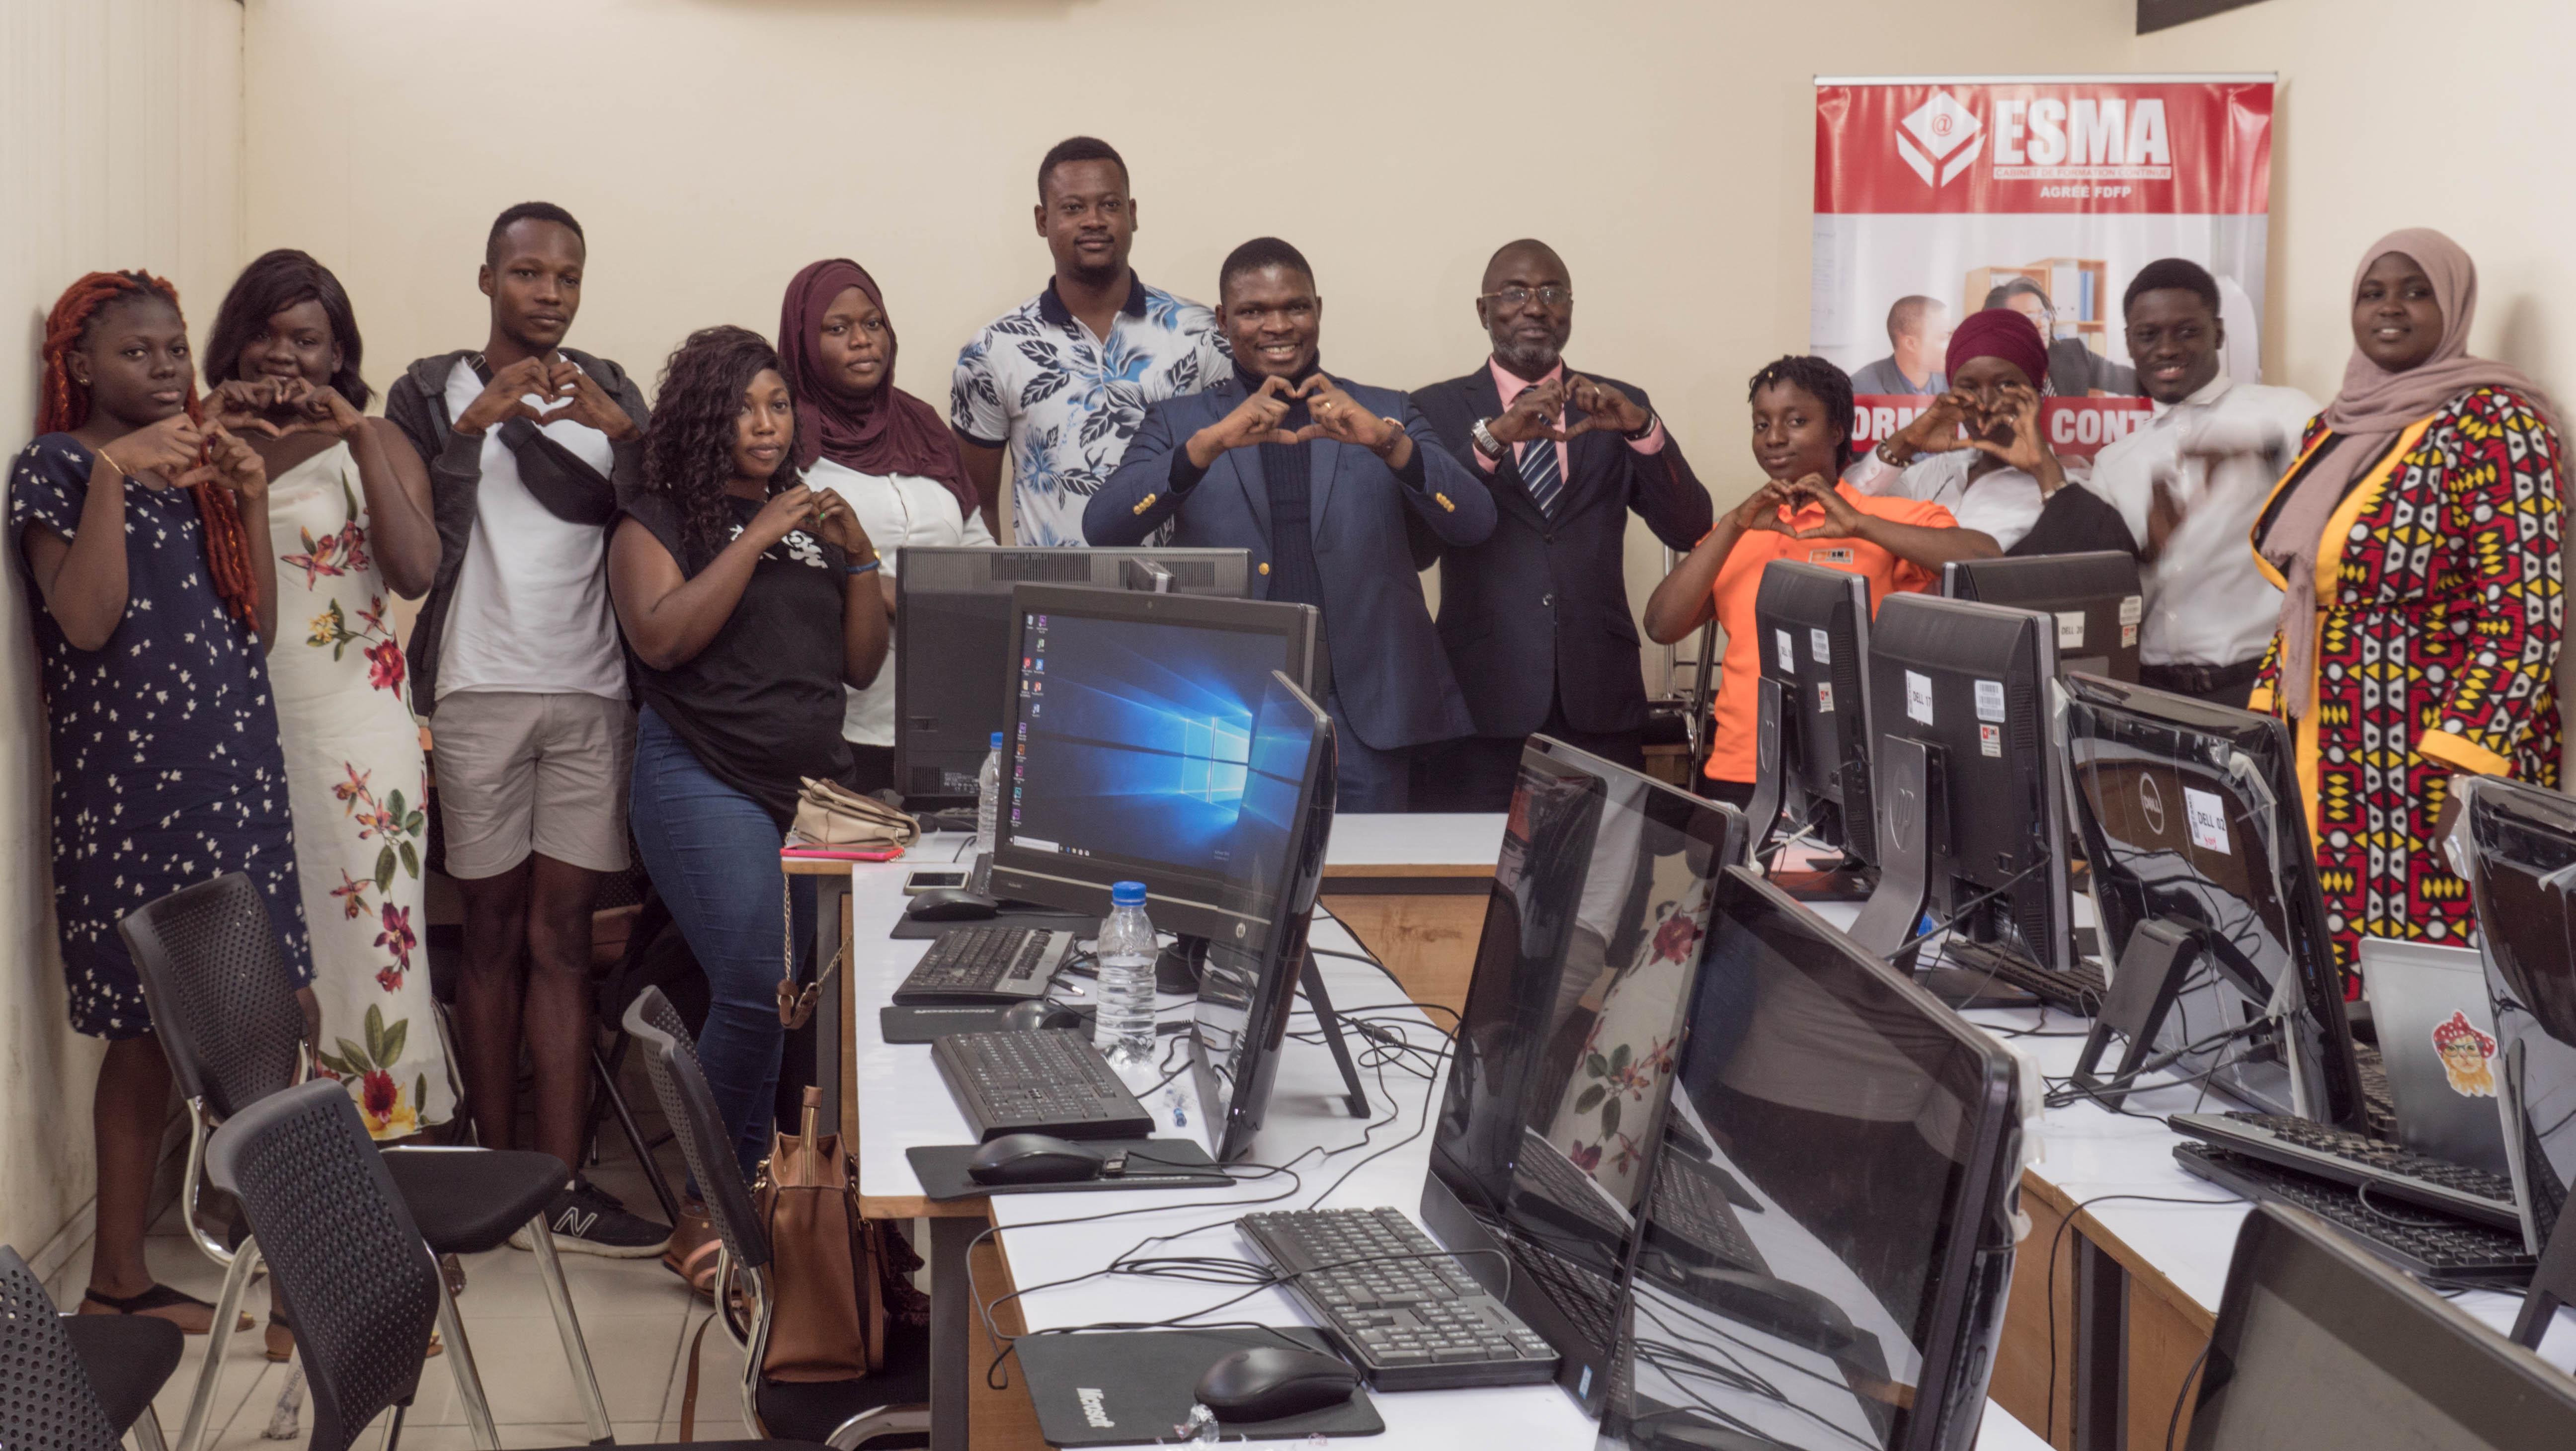 Formation digitale à Esma (Ecole de Spécialités Multimédia d'Abidjan)